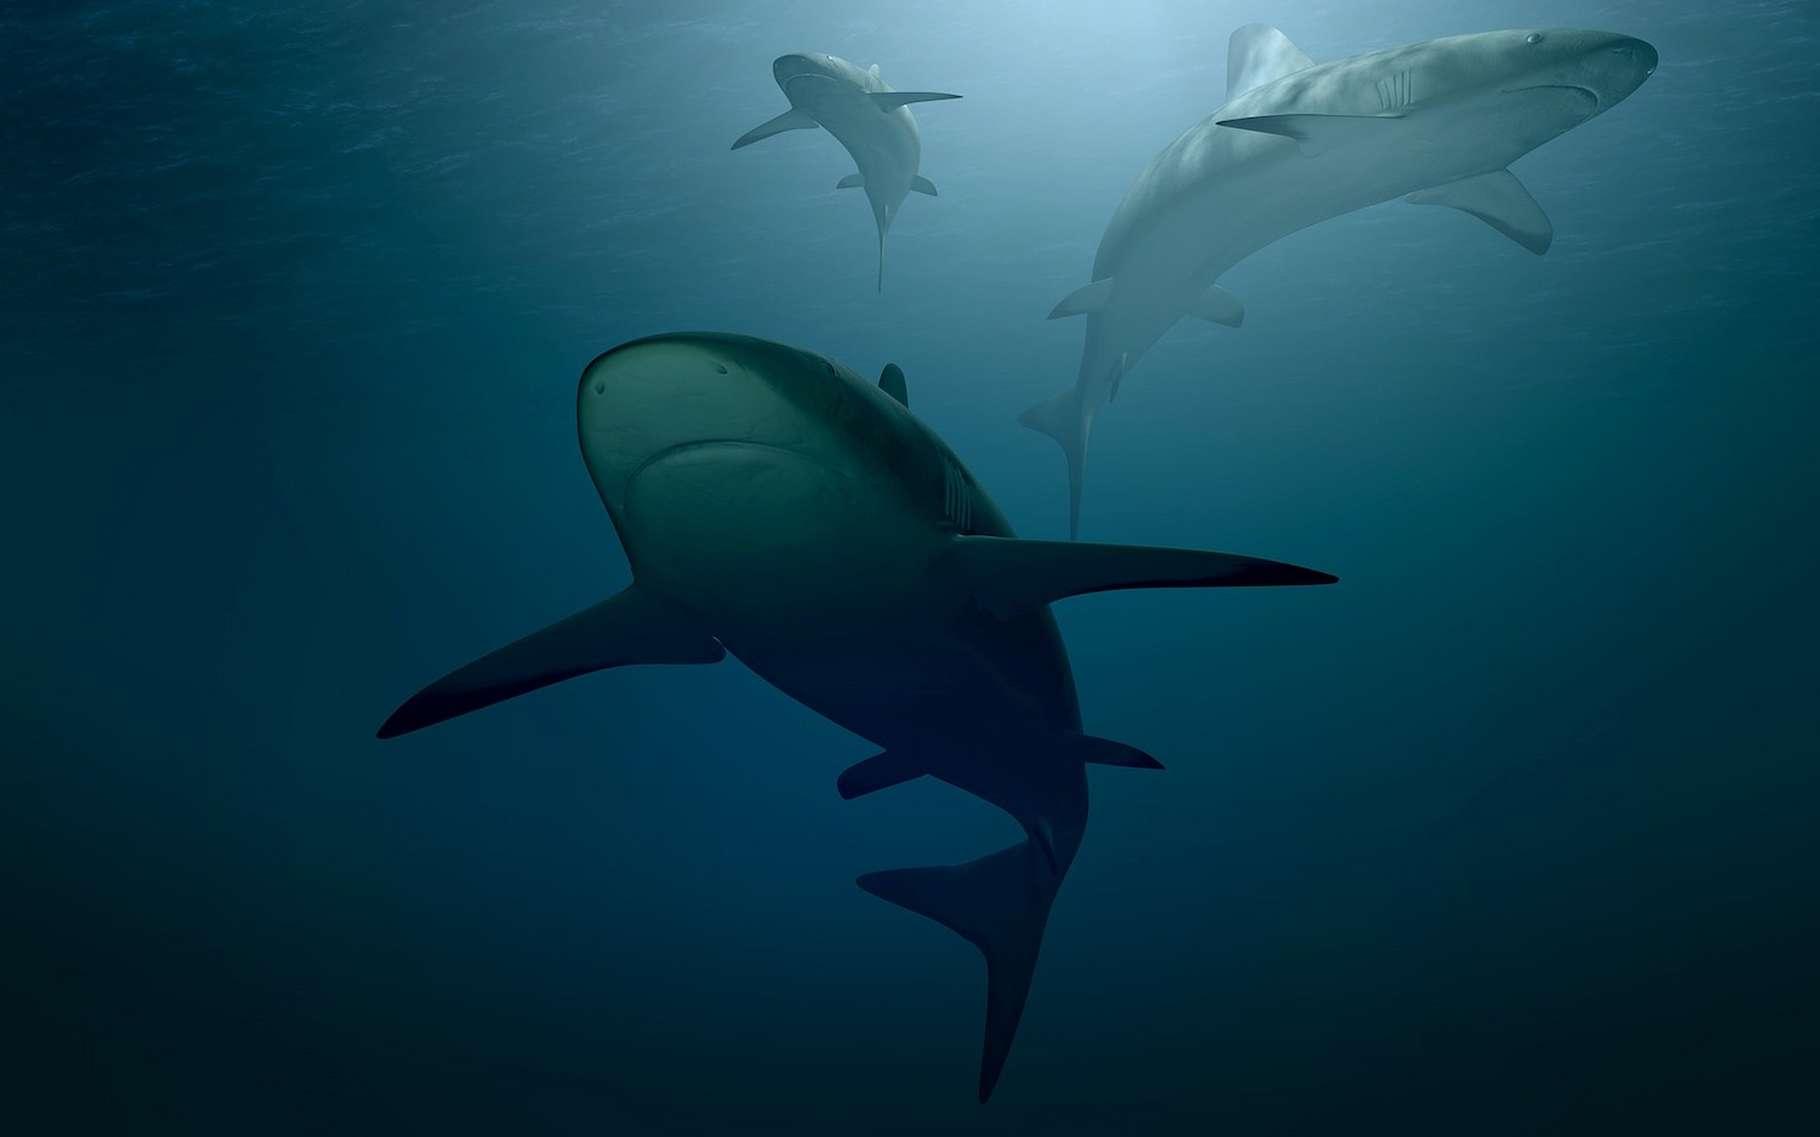 Pour David Gruber, professeur à la City University de New York (États-Unis), les requins sont des créatures formidables dotées de super-pouvoirs fascinants. Ainsi un incroyable sens de l'odorat ou des ampoules de Lorenzini qui leur permettent de détecter des champs électromagnétiques. Et la capacité d'émettre une lumière verte fluorescente comme nul autre sous l'eau. © PIRO4D, Pixabay License